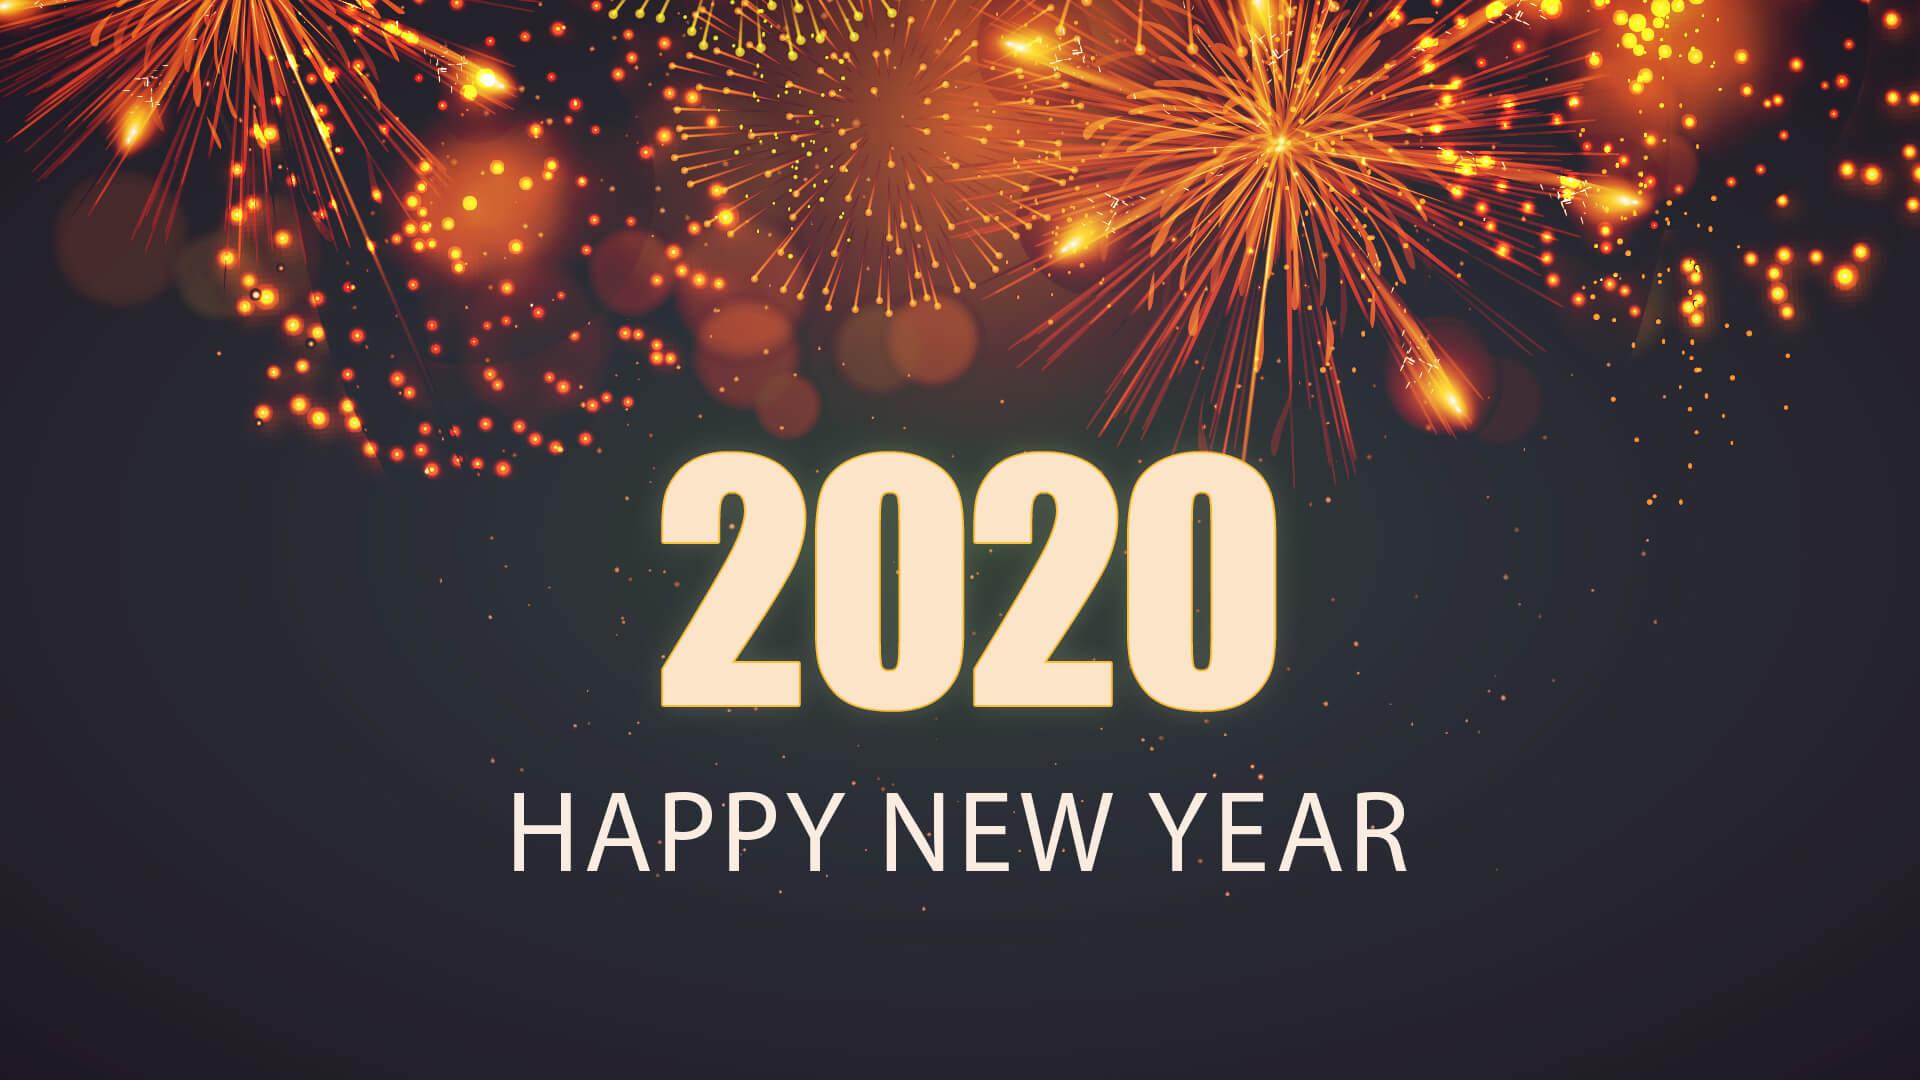 Hình nền năm mới 2020 với pháo hoa